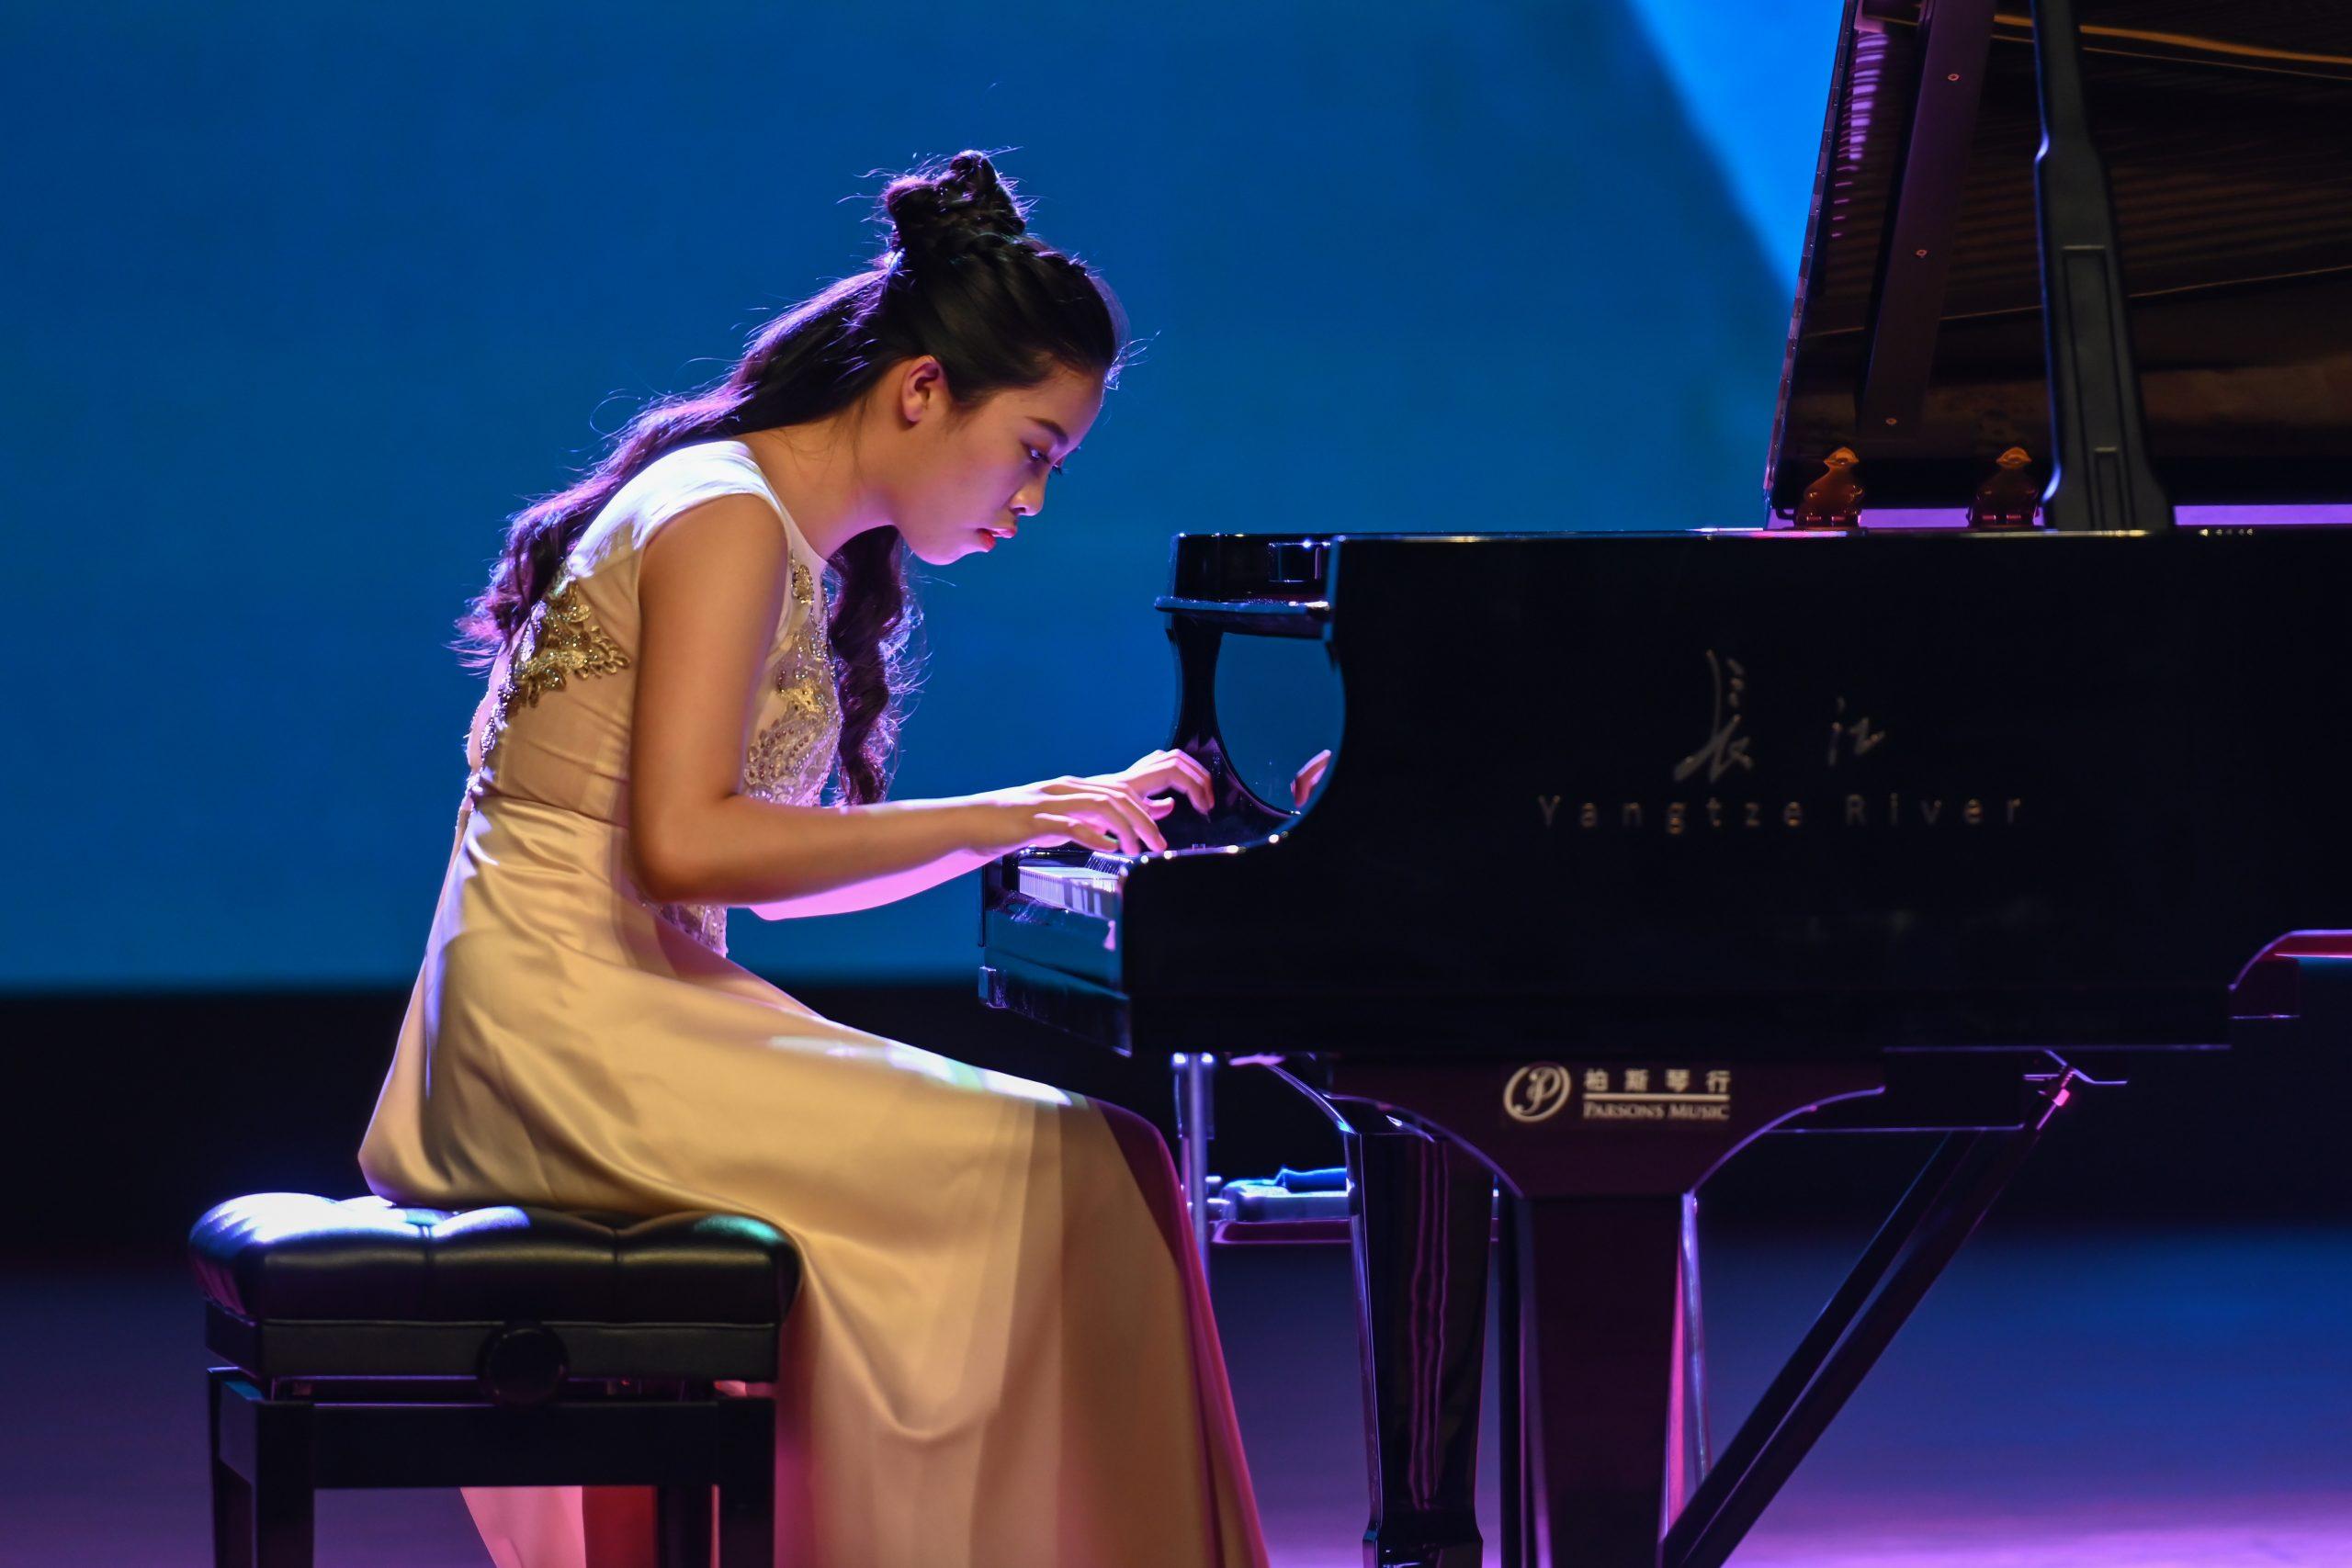 Xing Chang